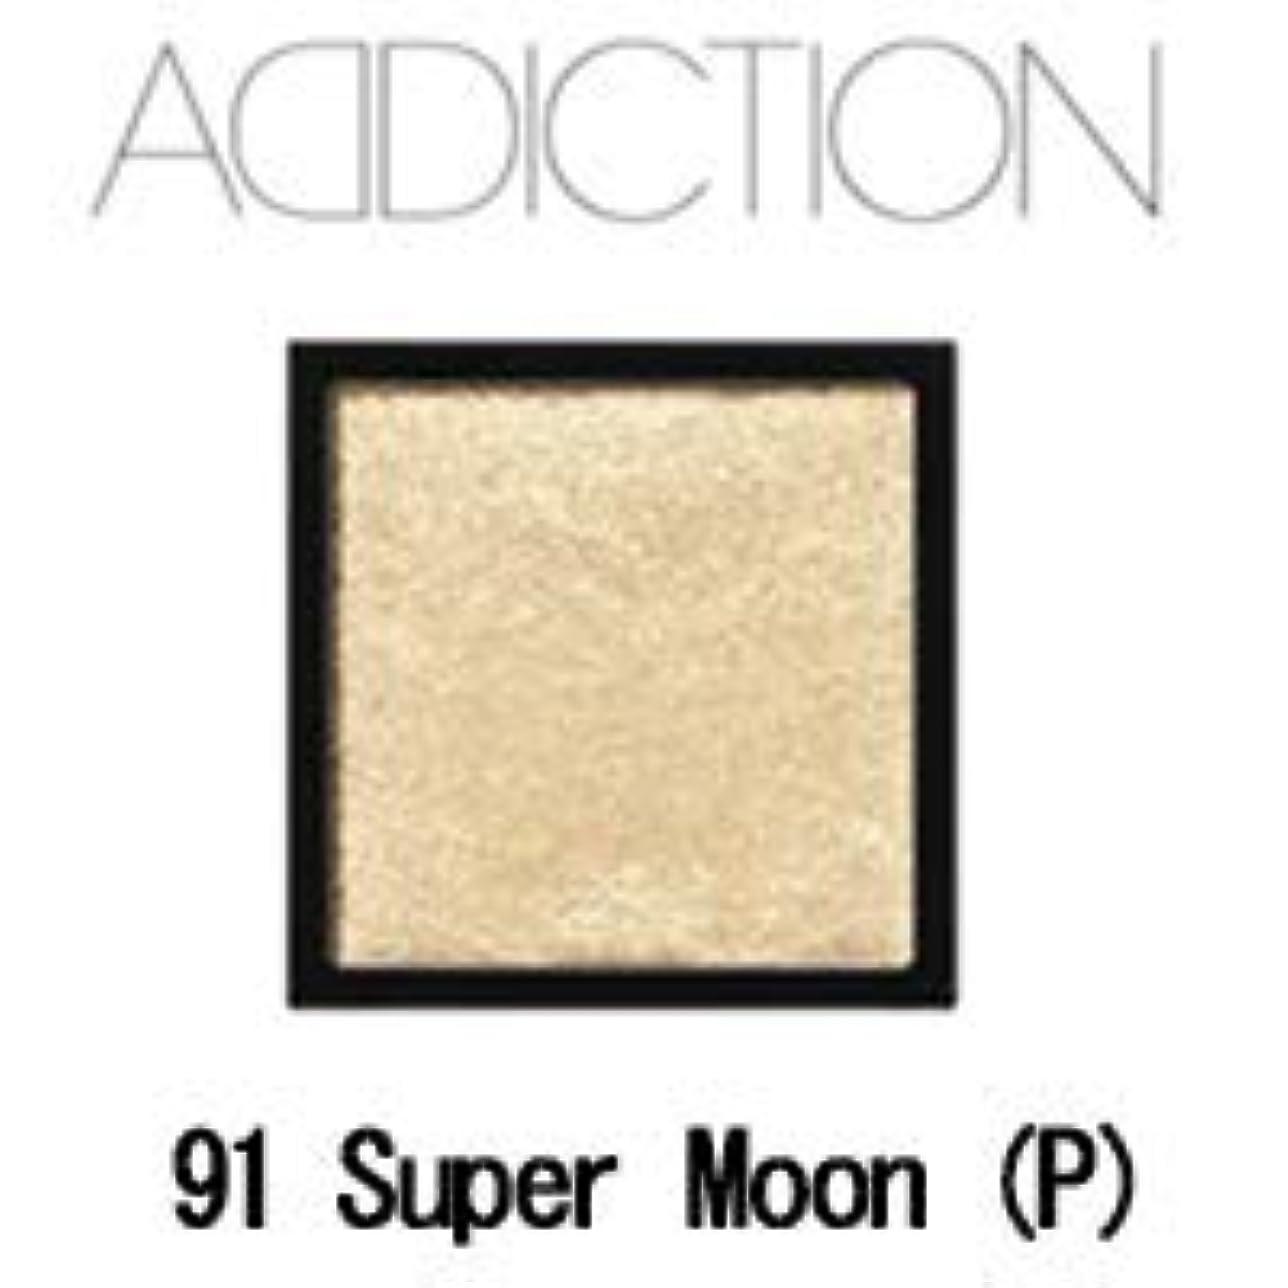 襟寝室他のバンドで【アディクション】ザ アイシャドウ #91 スーパームーン 1g